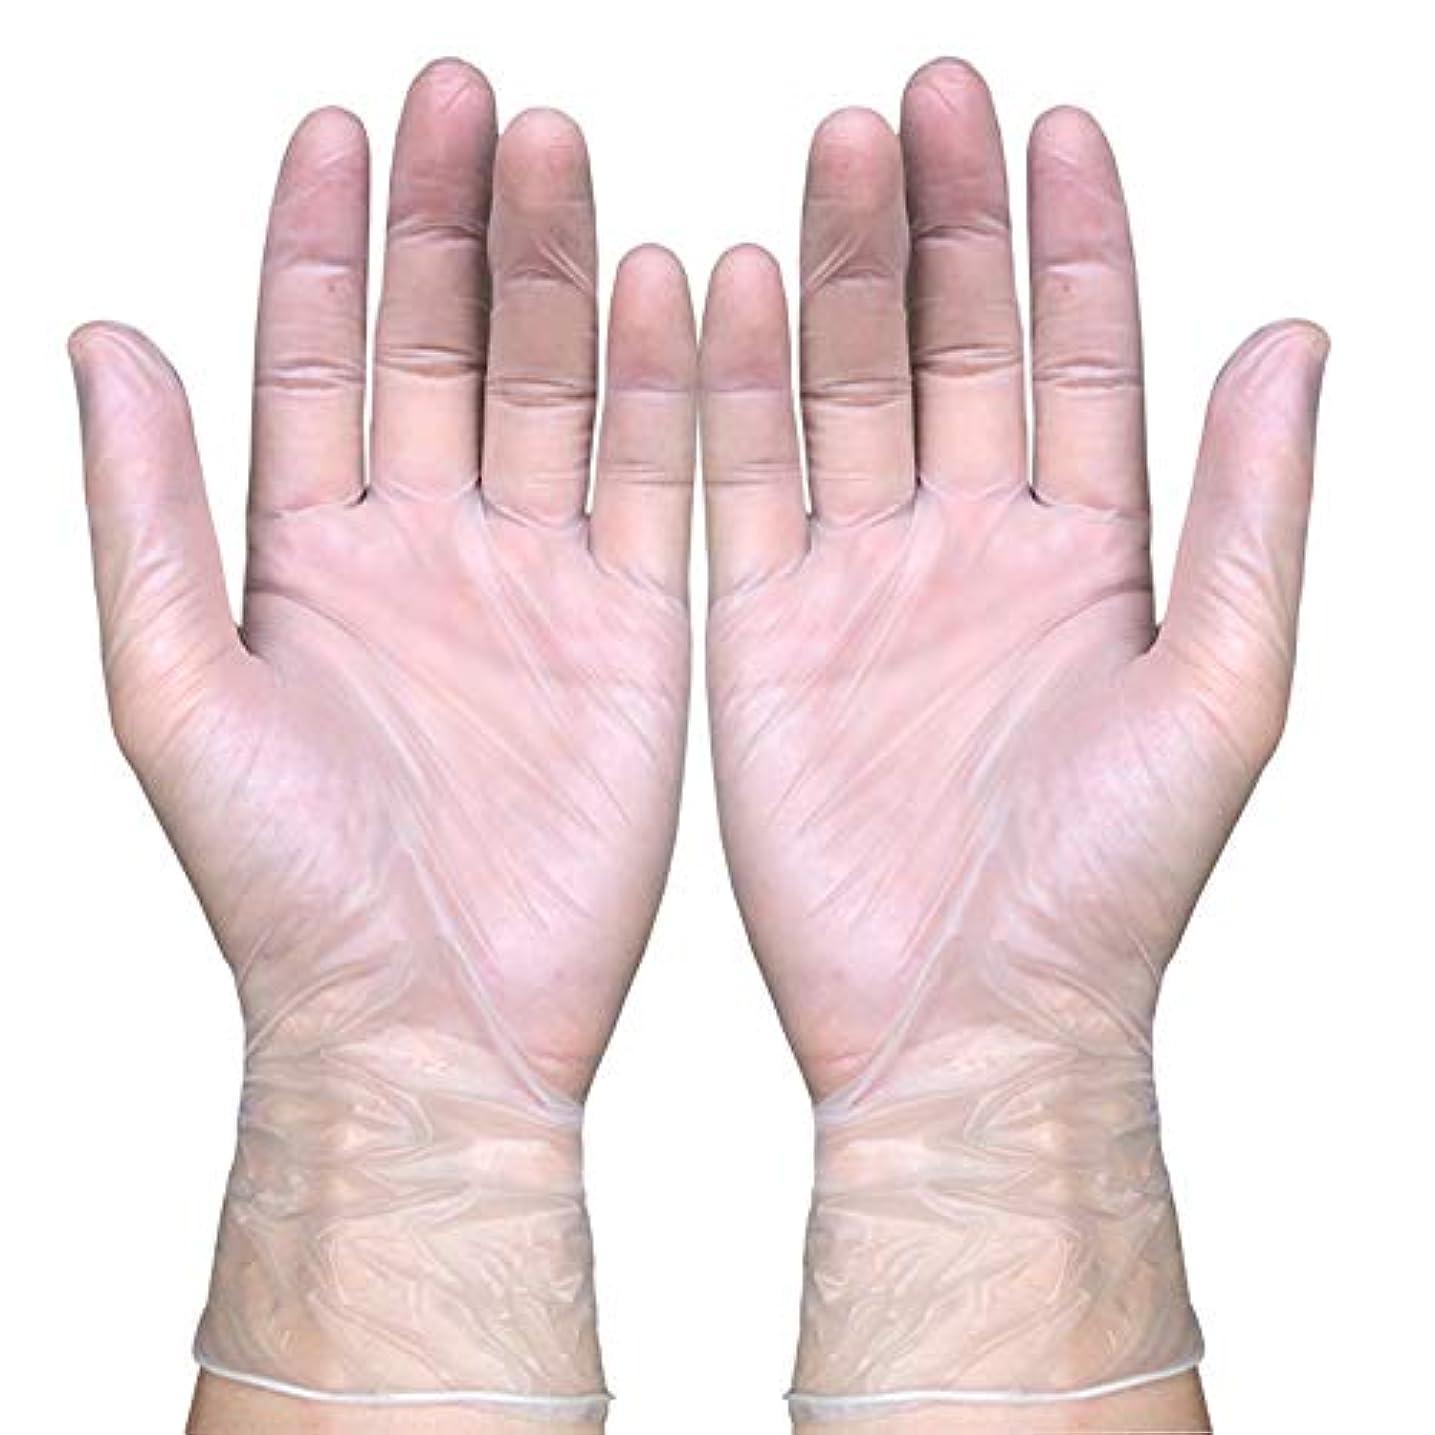 茎船形情緒的使い捨て医療ビニール検査用手袋、液体、血液、検査、ヘルスケア、食品の取り扱い粉なし、100カウント,S